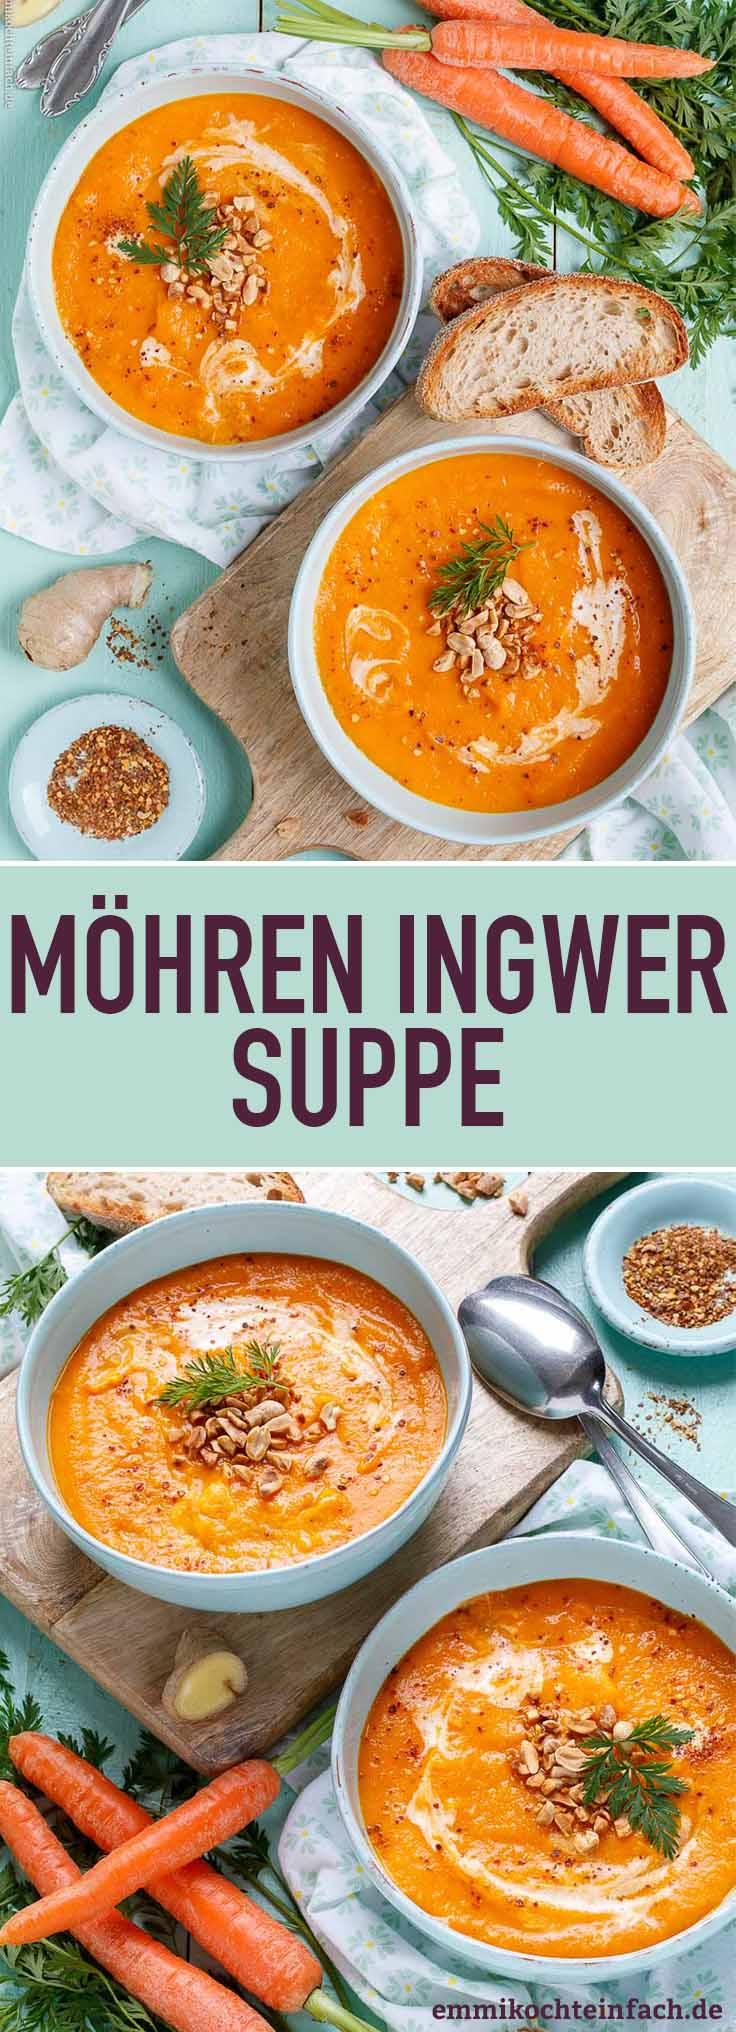 Die schnelle und gesunde Karotten Suppe - www.emmikochteinfach.de